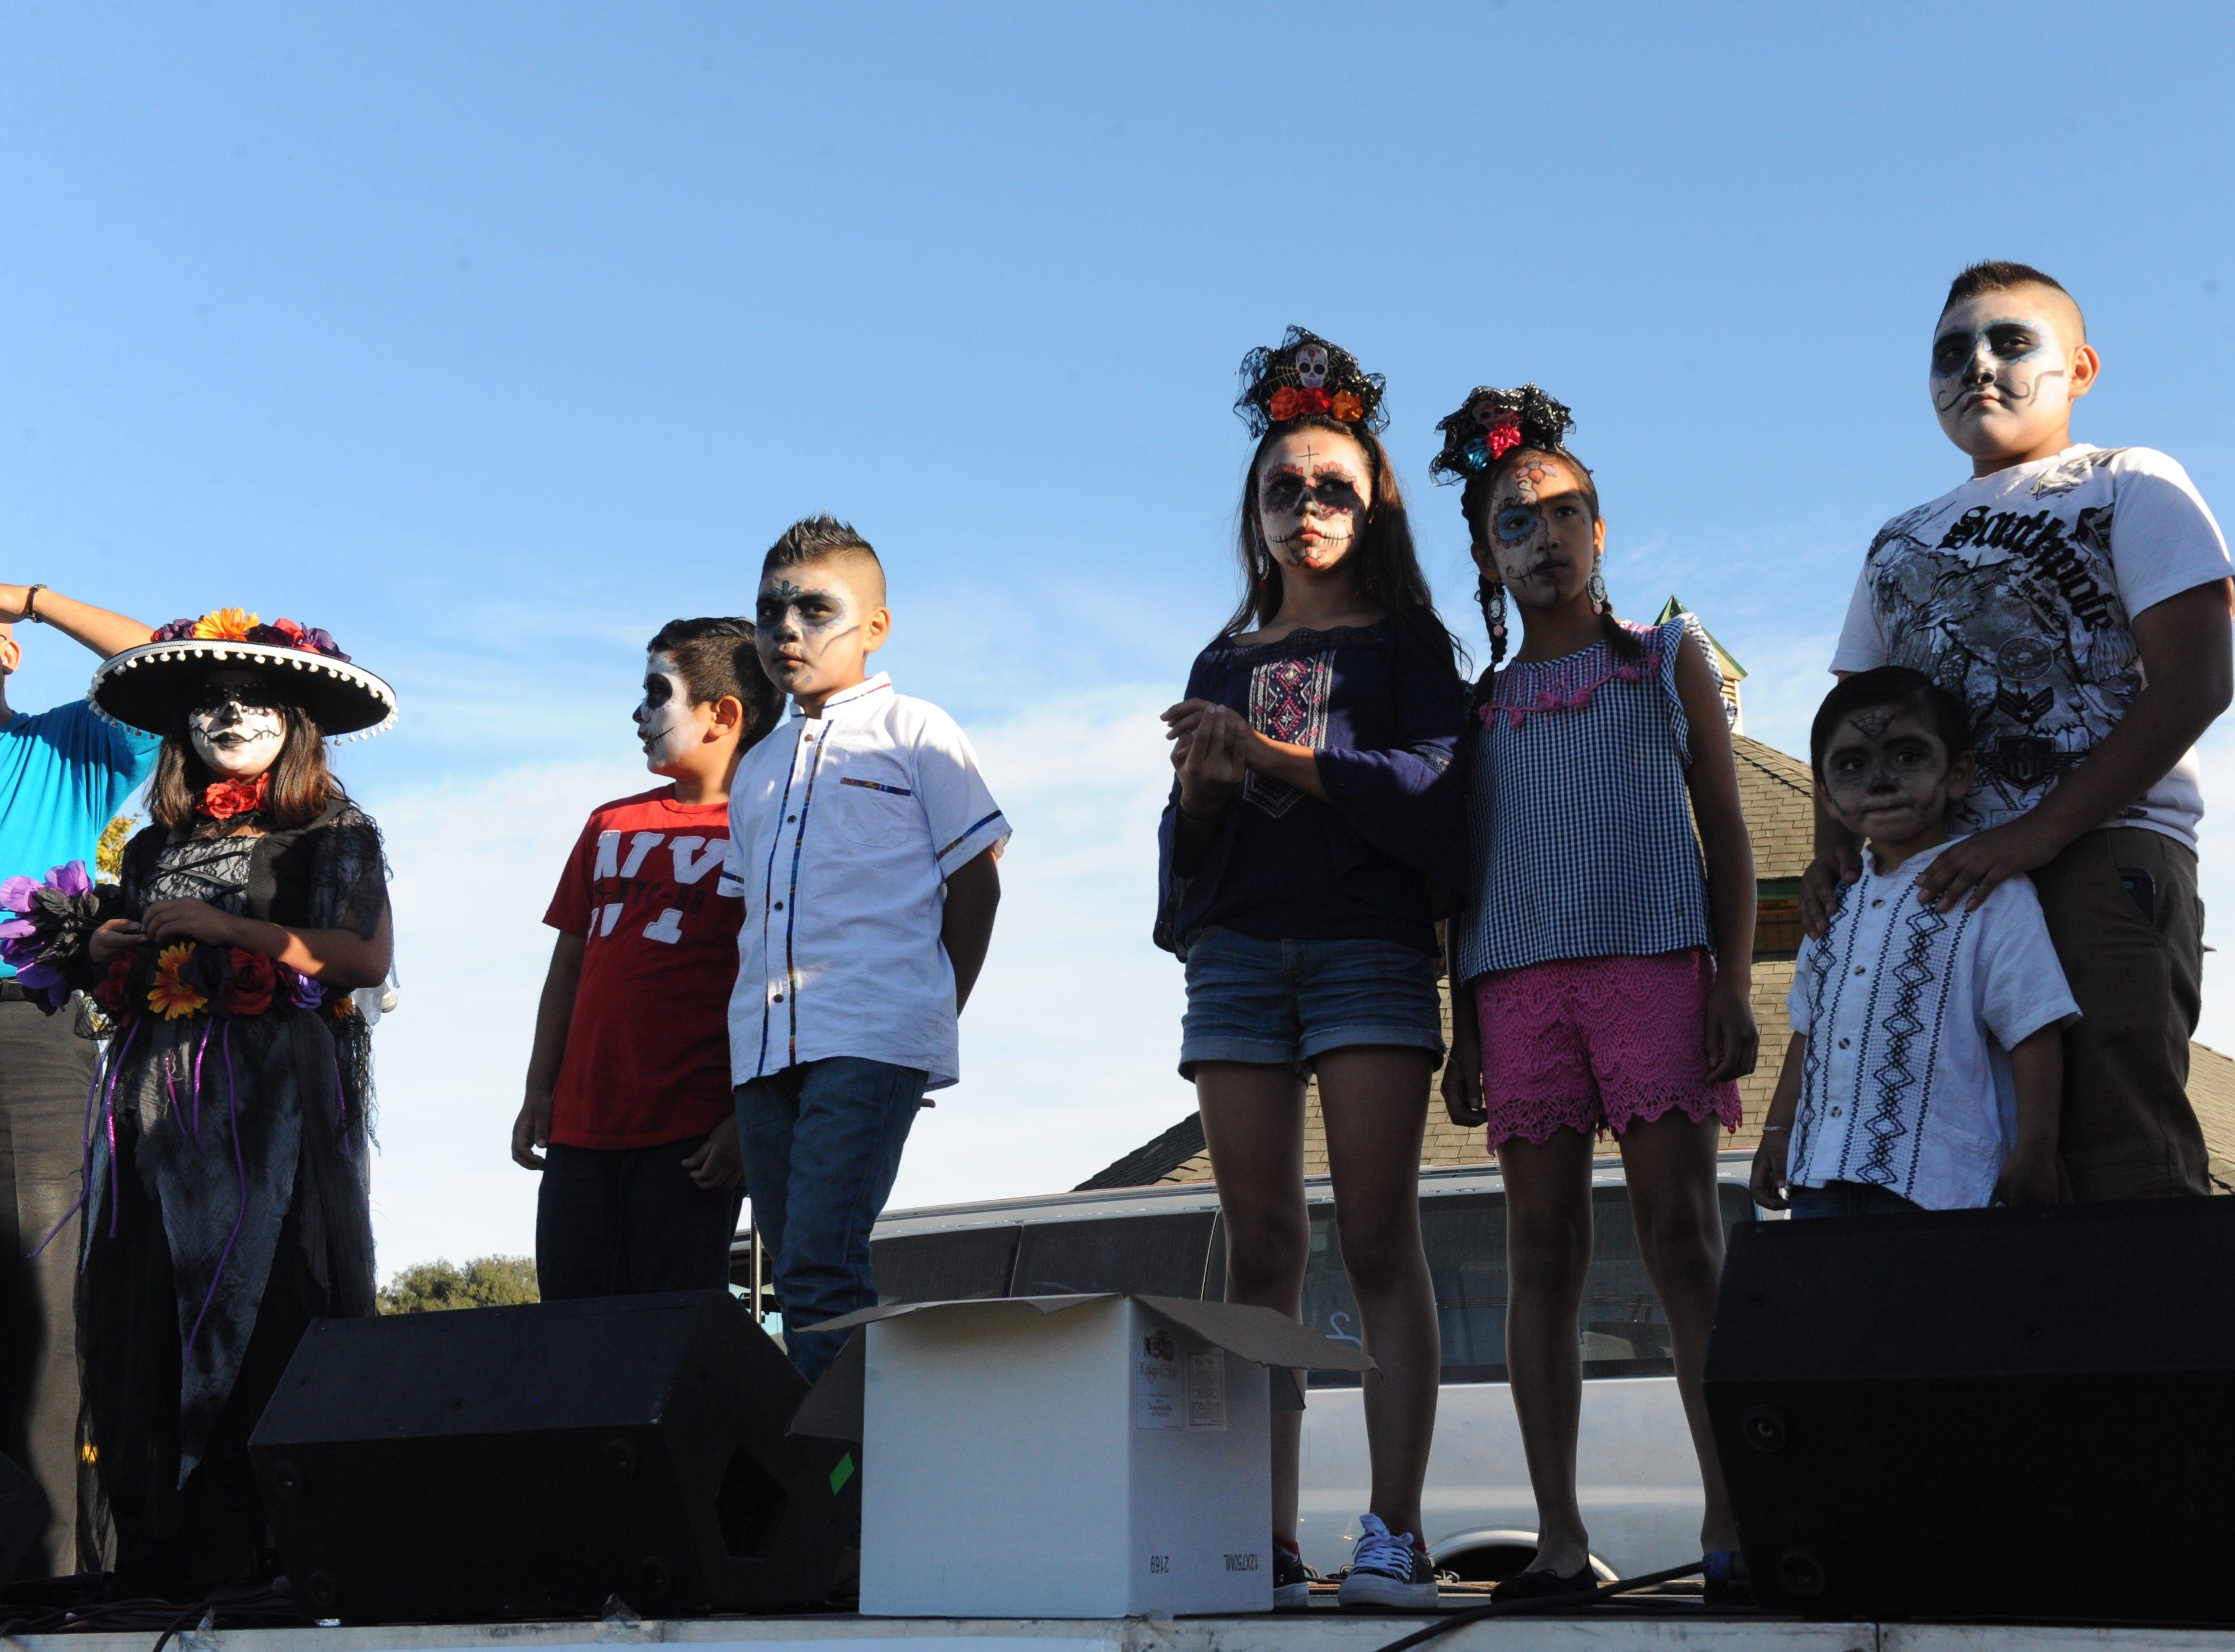 """La Calavera Catrina, or """"The Elegant Skeleton,"""" contestants gather on stage at Sunday's Día de los Muertos celebrations."""